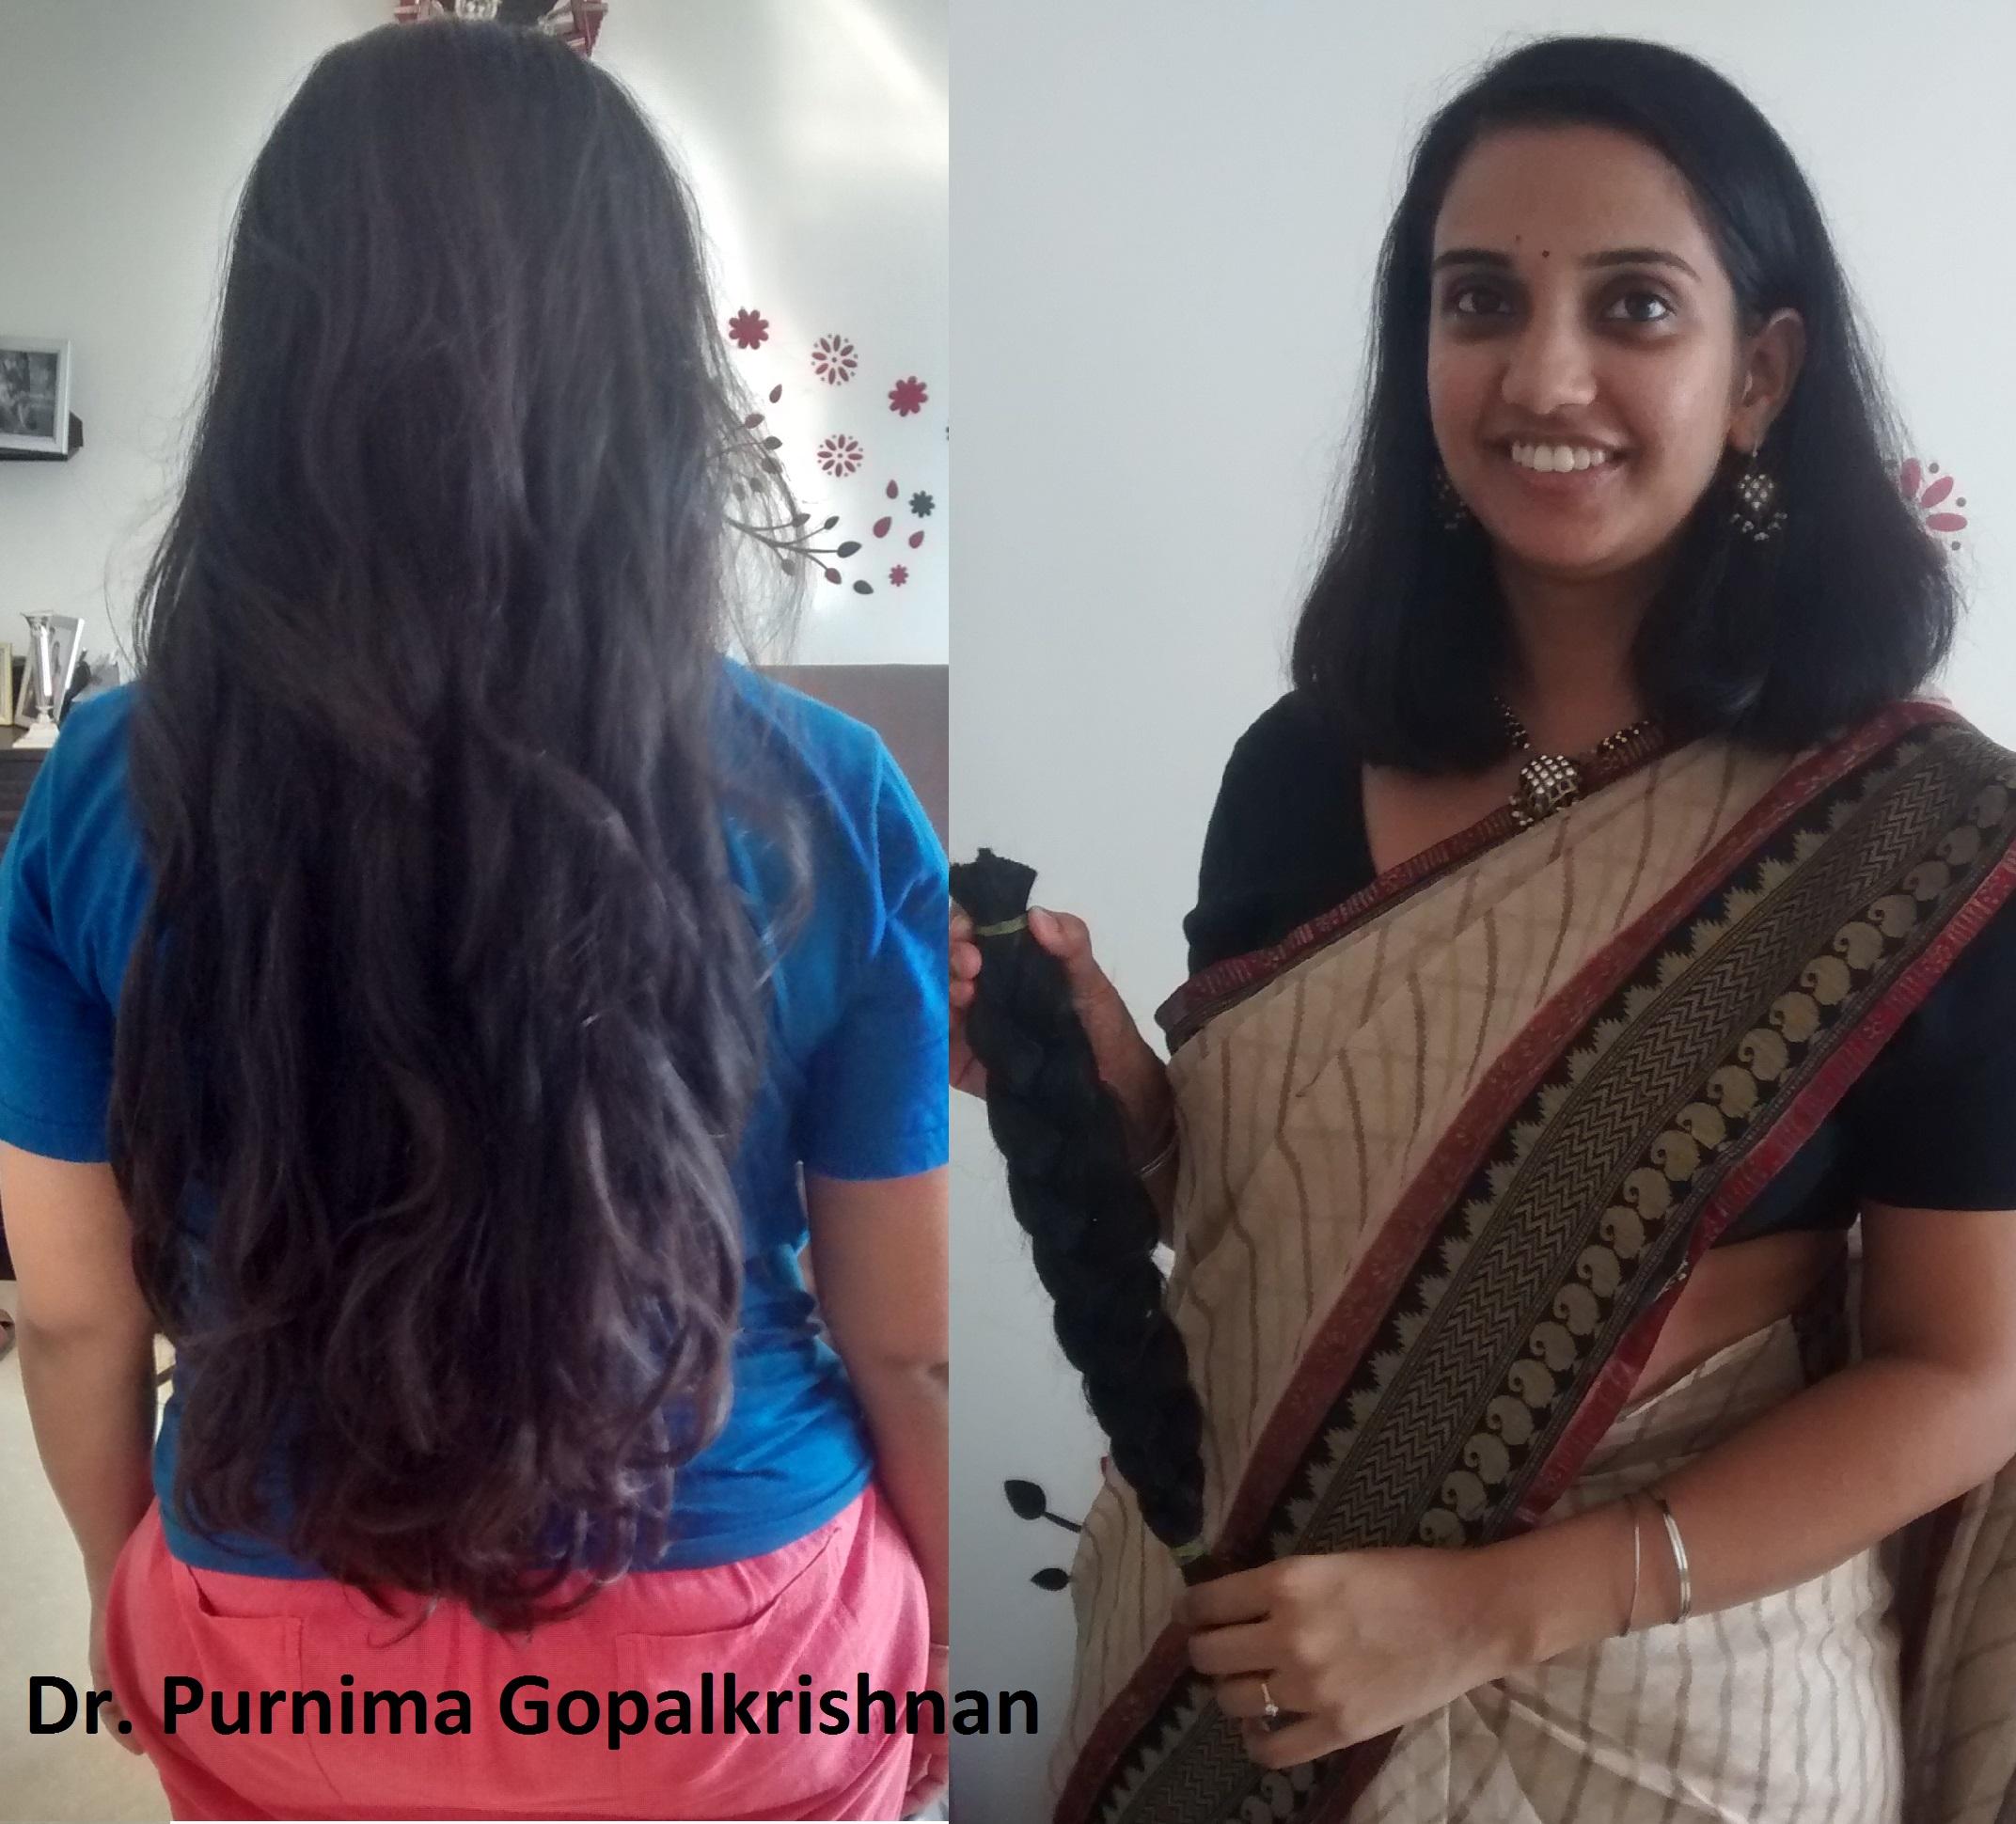 Dr. Purnima Gopalkrishnan